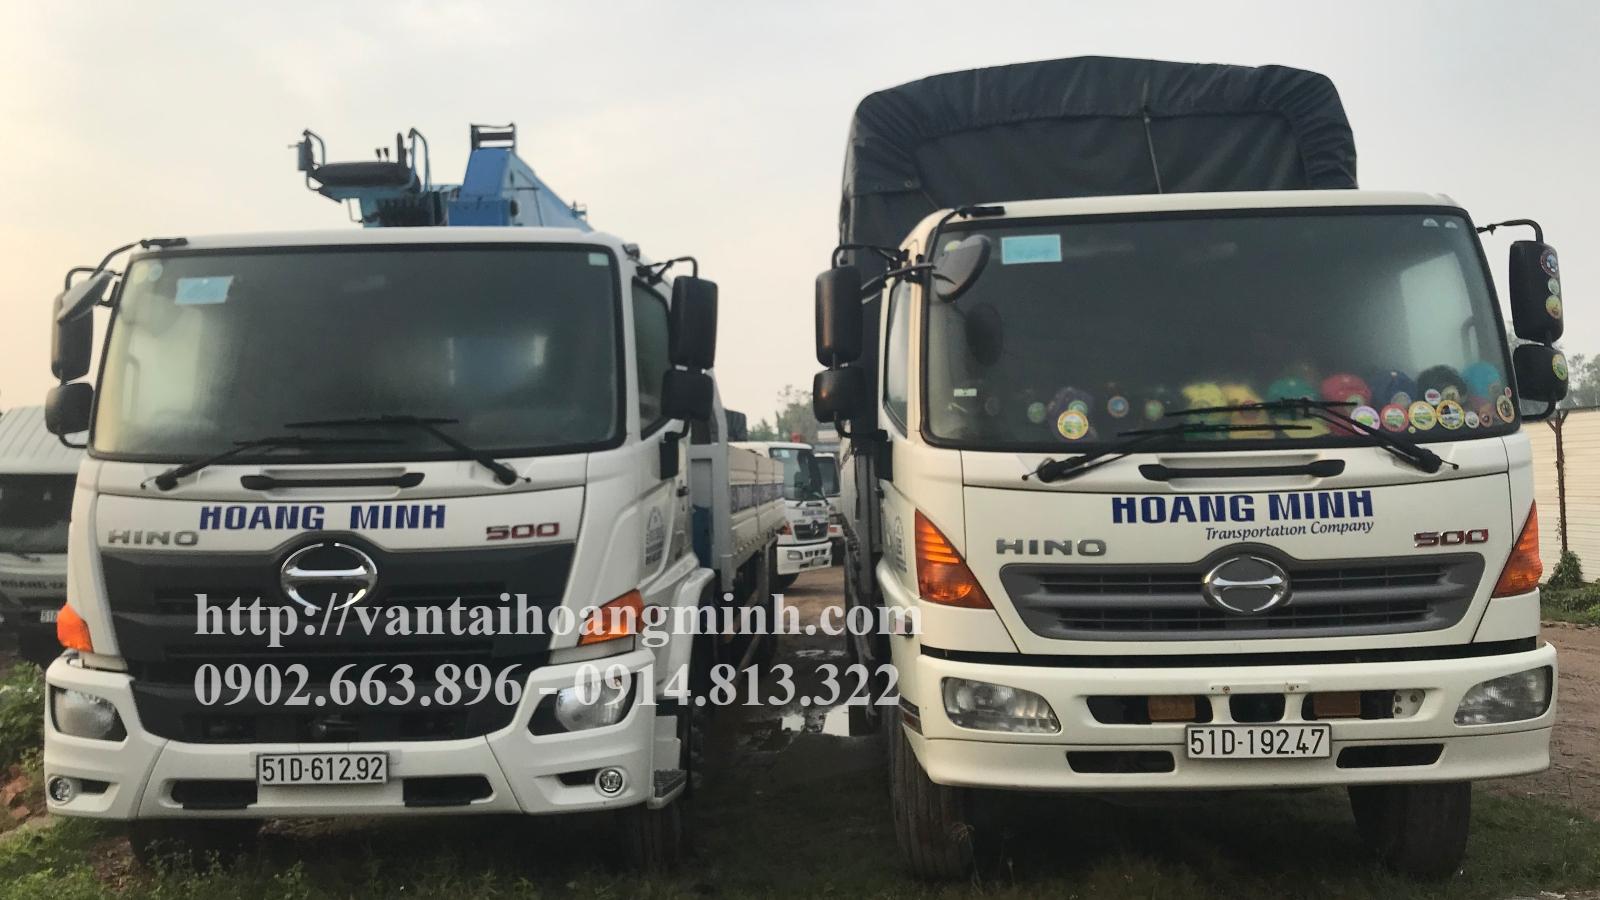 Cho thuê xe tải chở hàng đi tỉnh chuyên nghiệp nhất